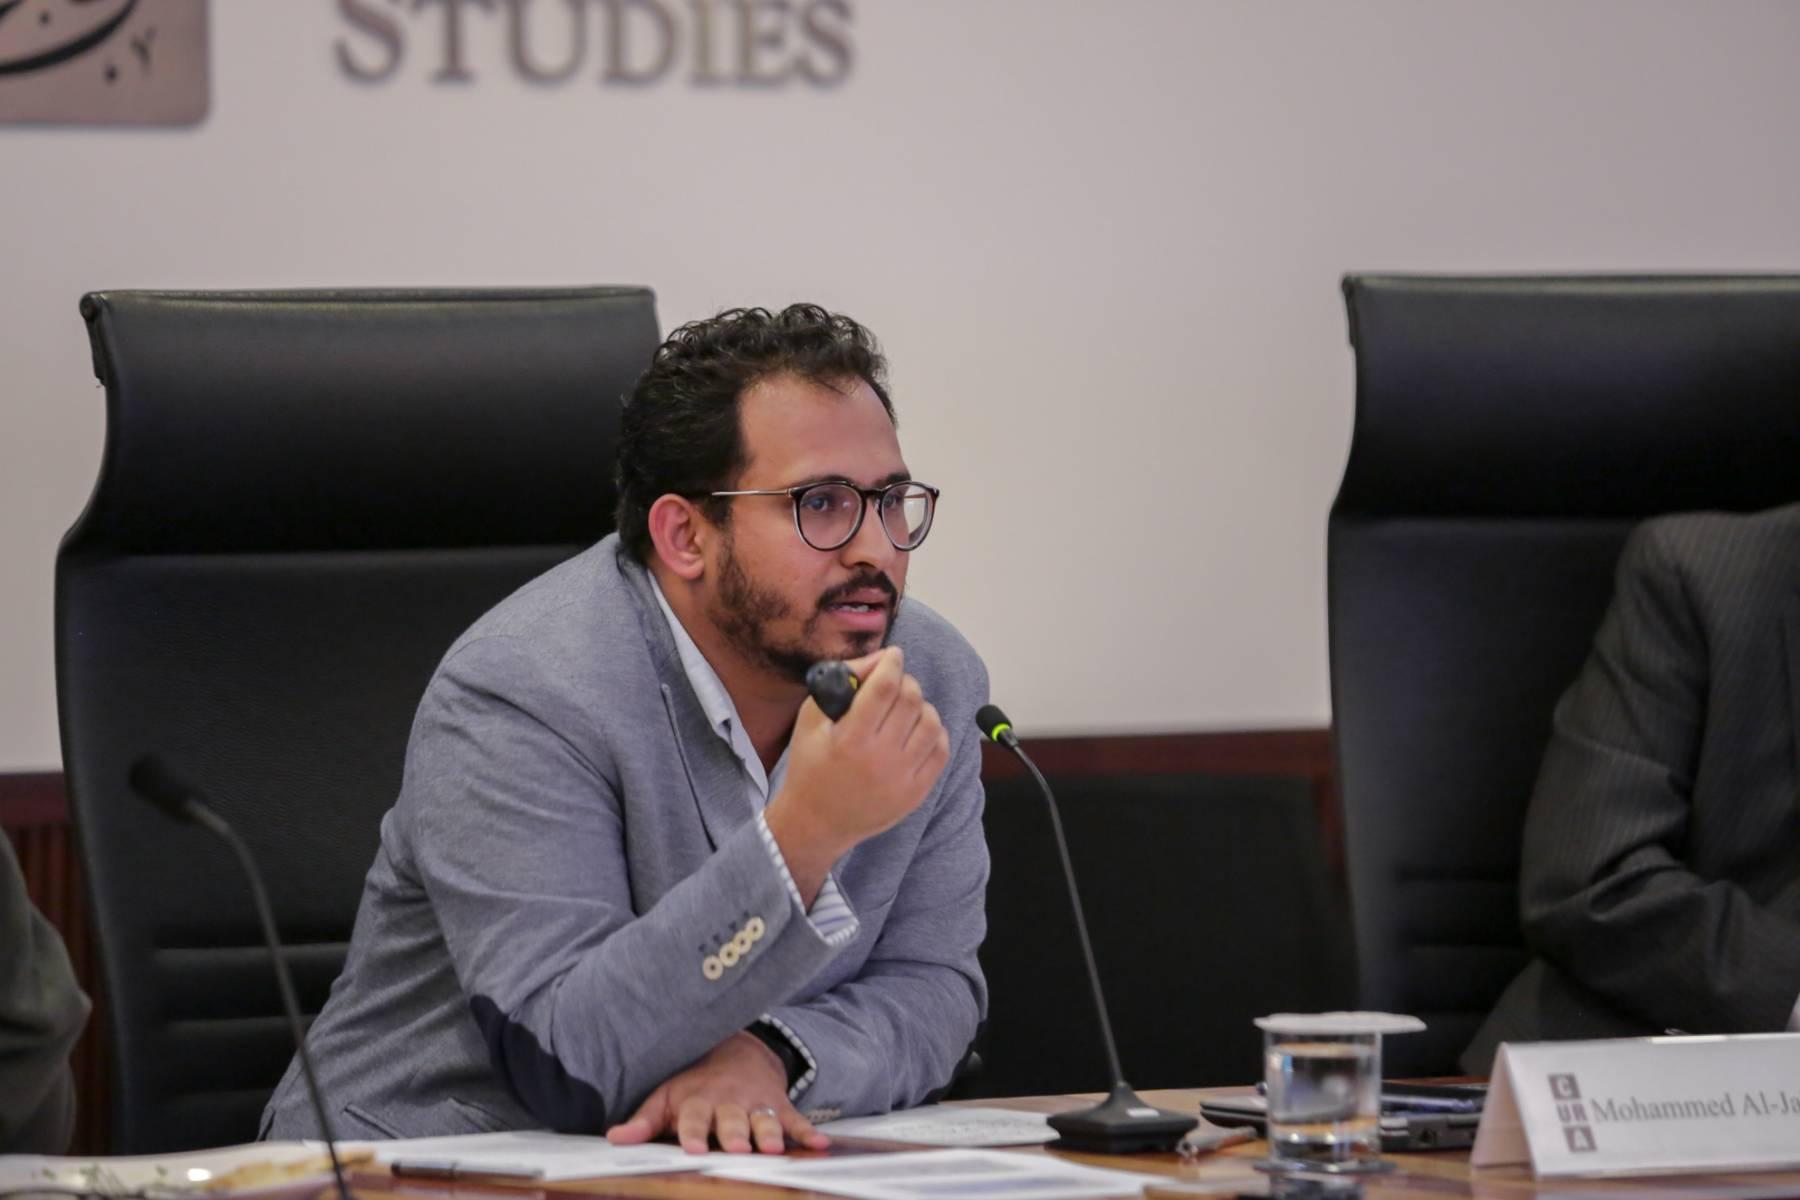 لغز مأرب: حالة استقرار ونشاط اقتصادي في اليمن الذي مزقته الحرب